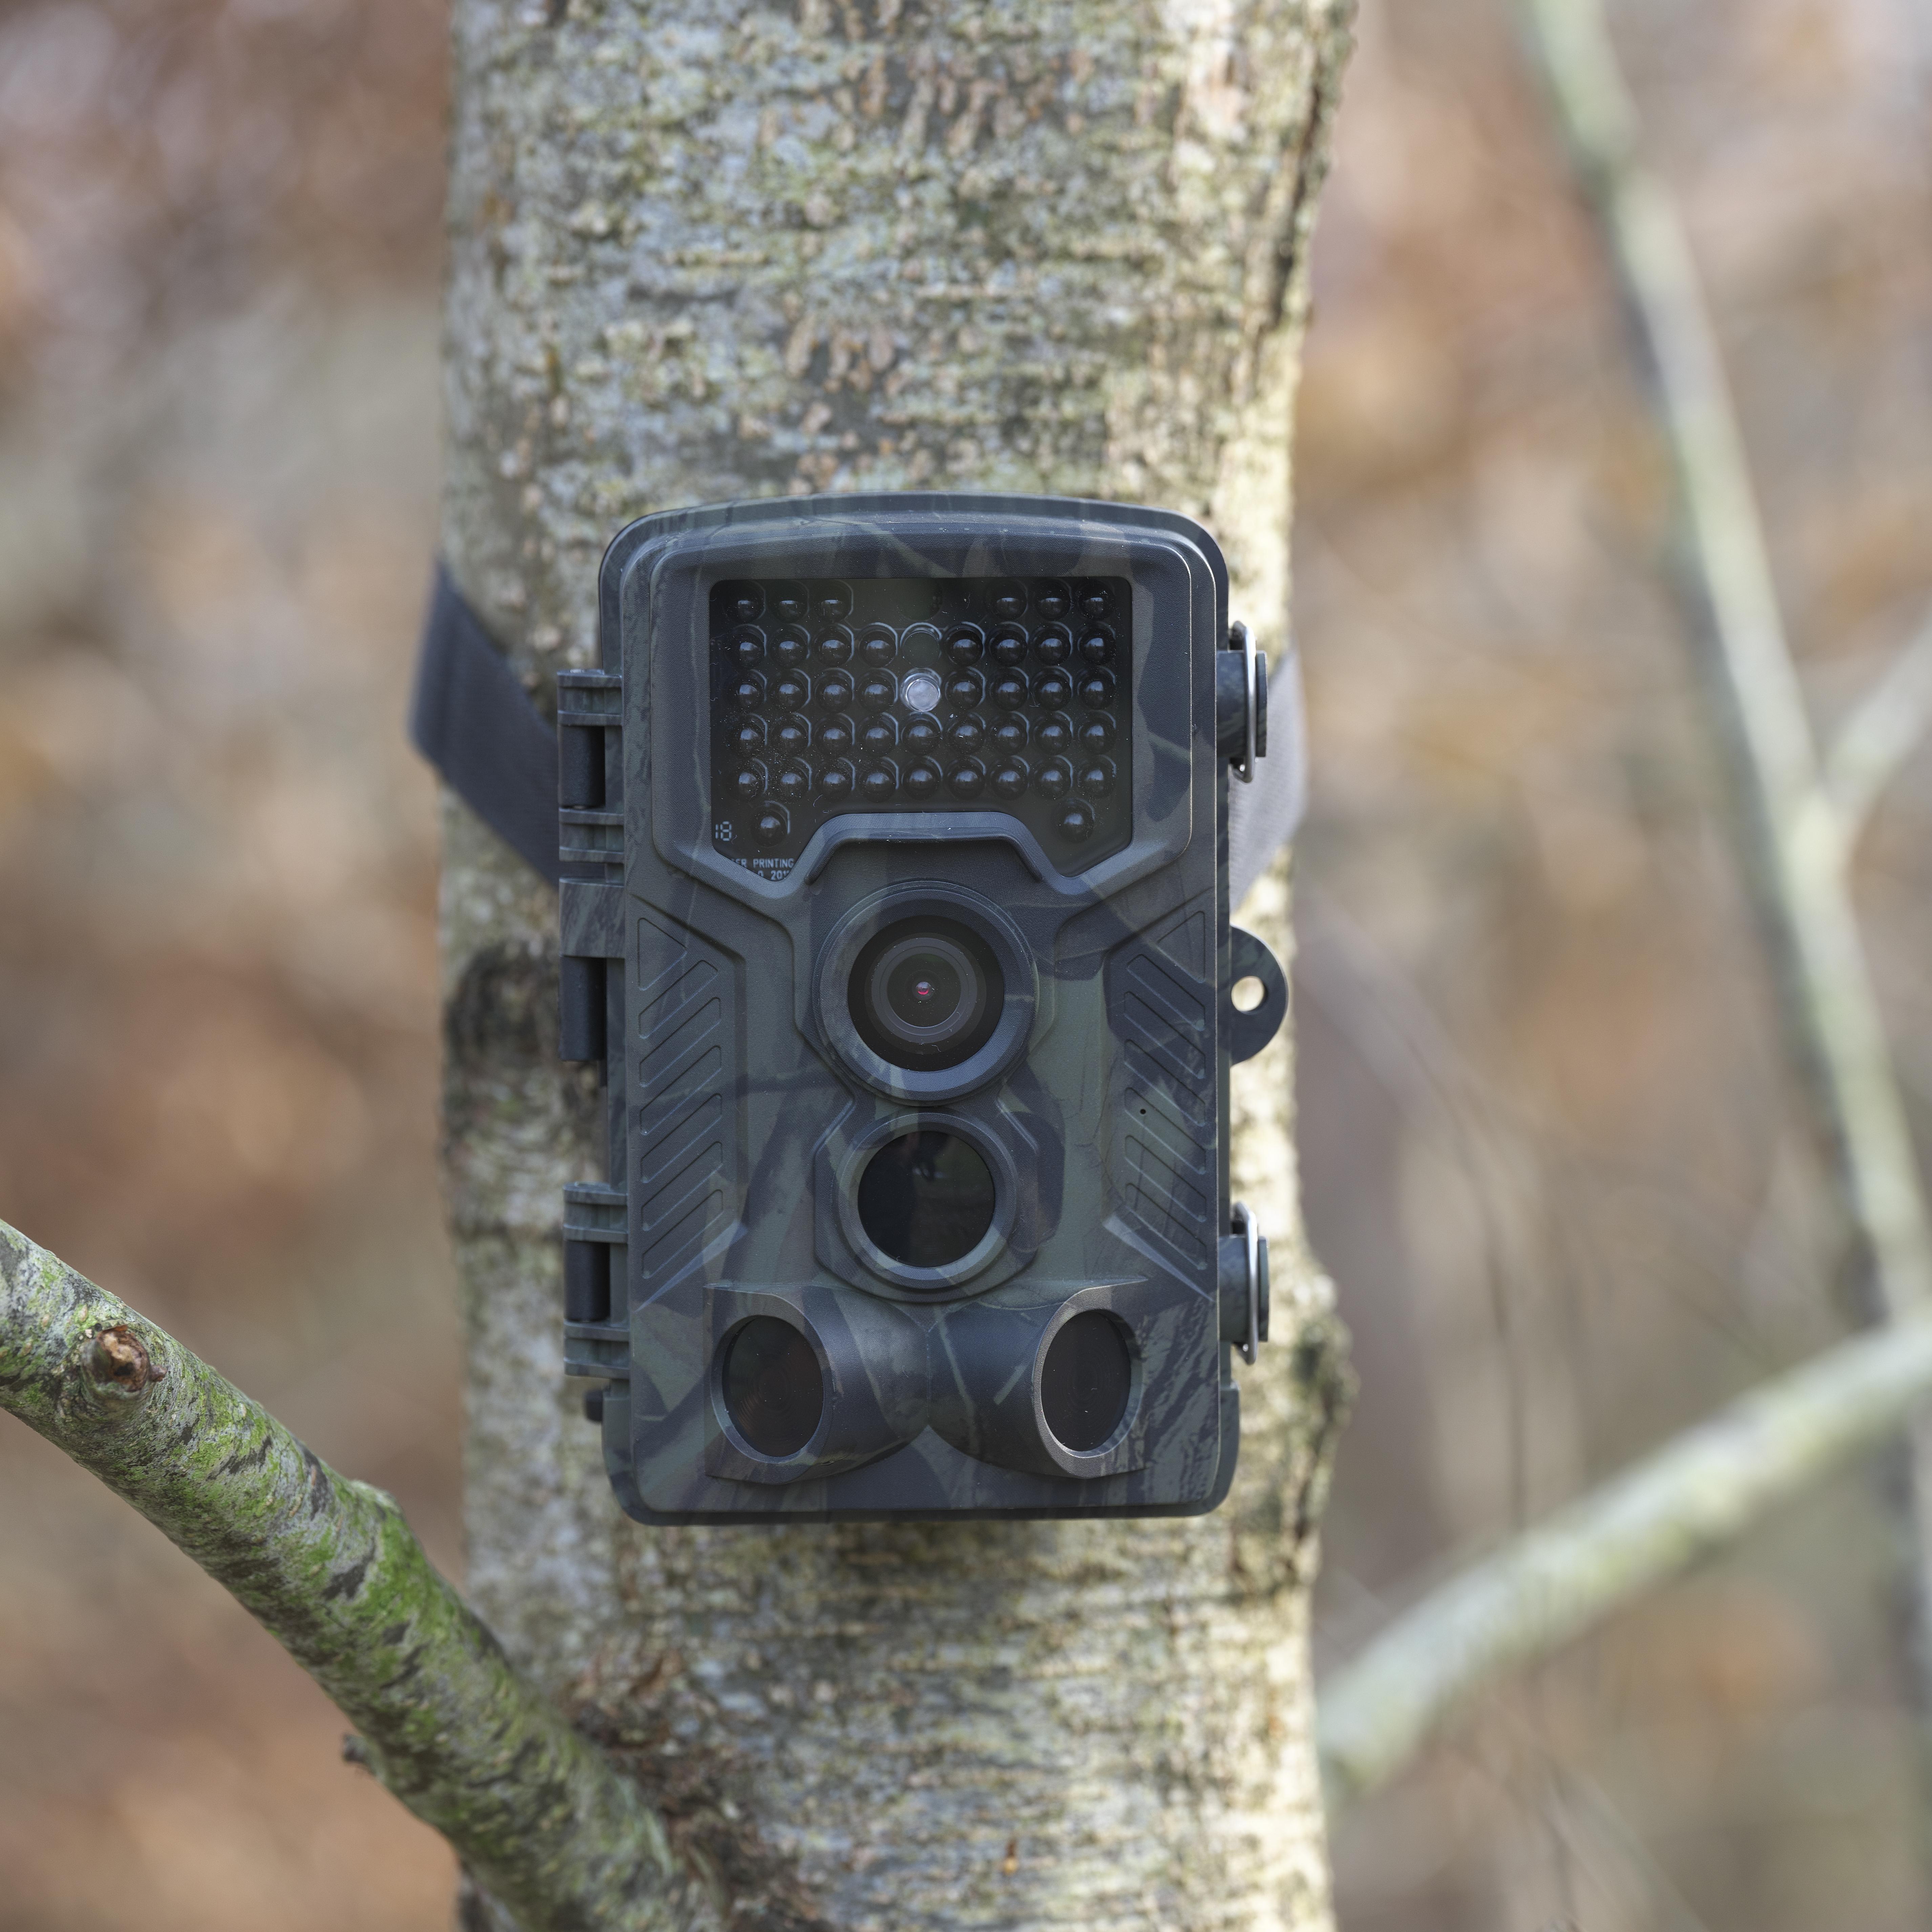 Denver WCM-8010 Wildlife Camera